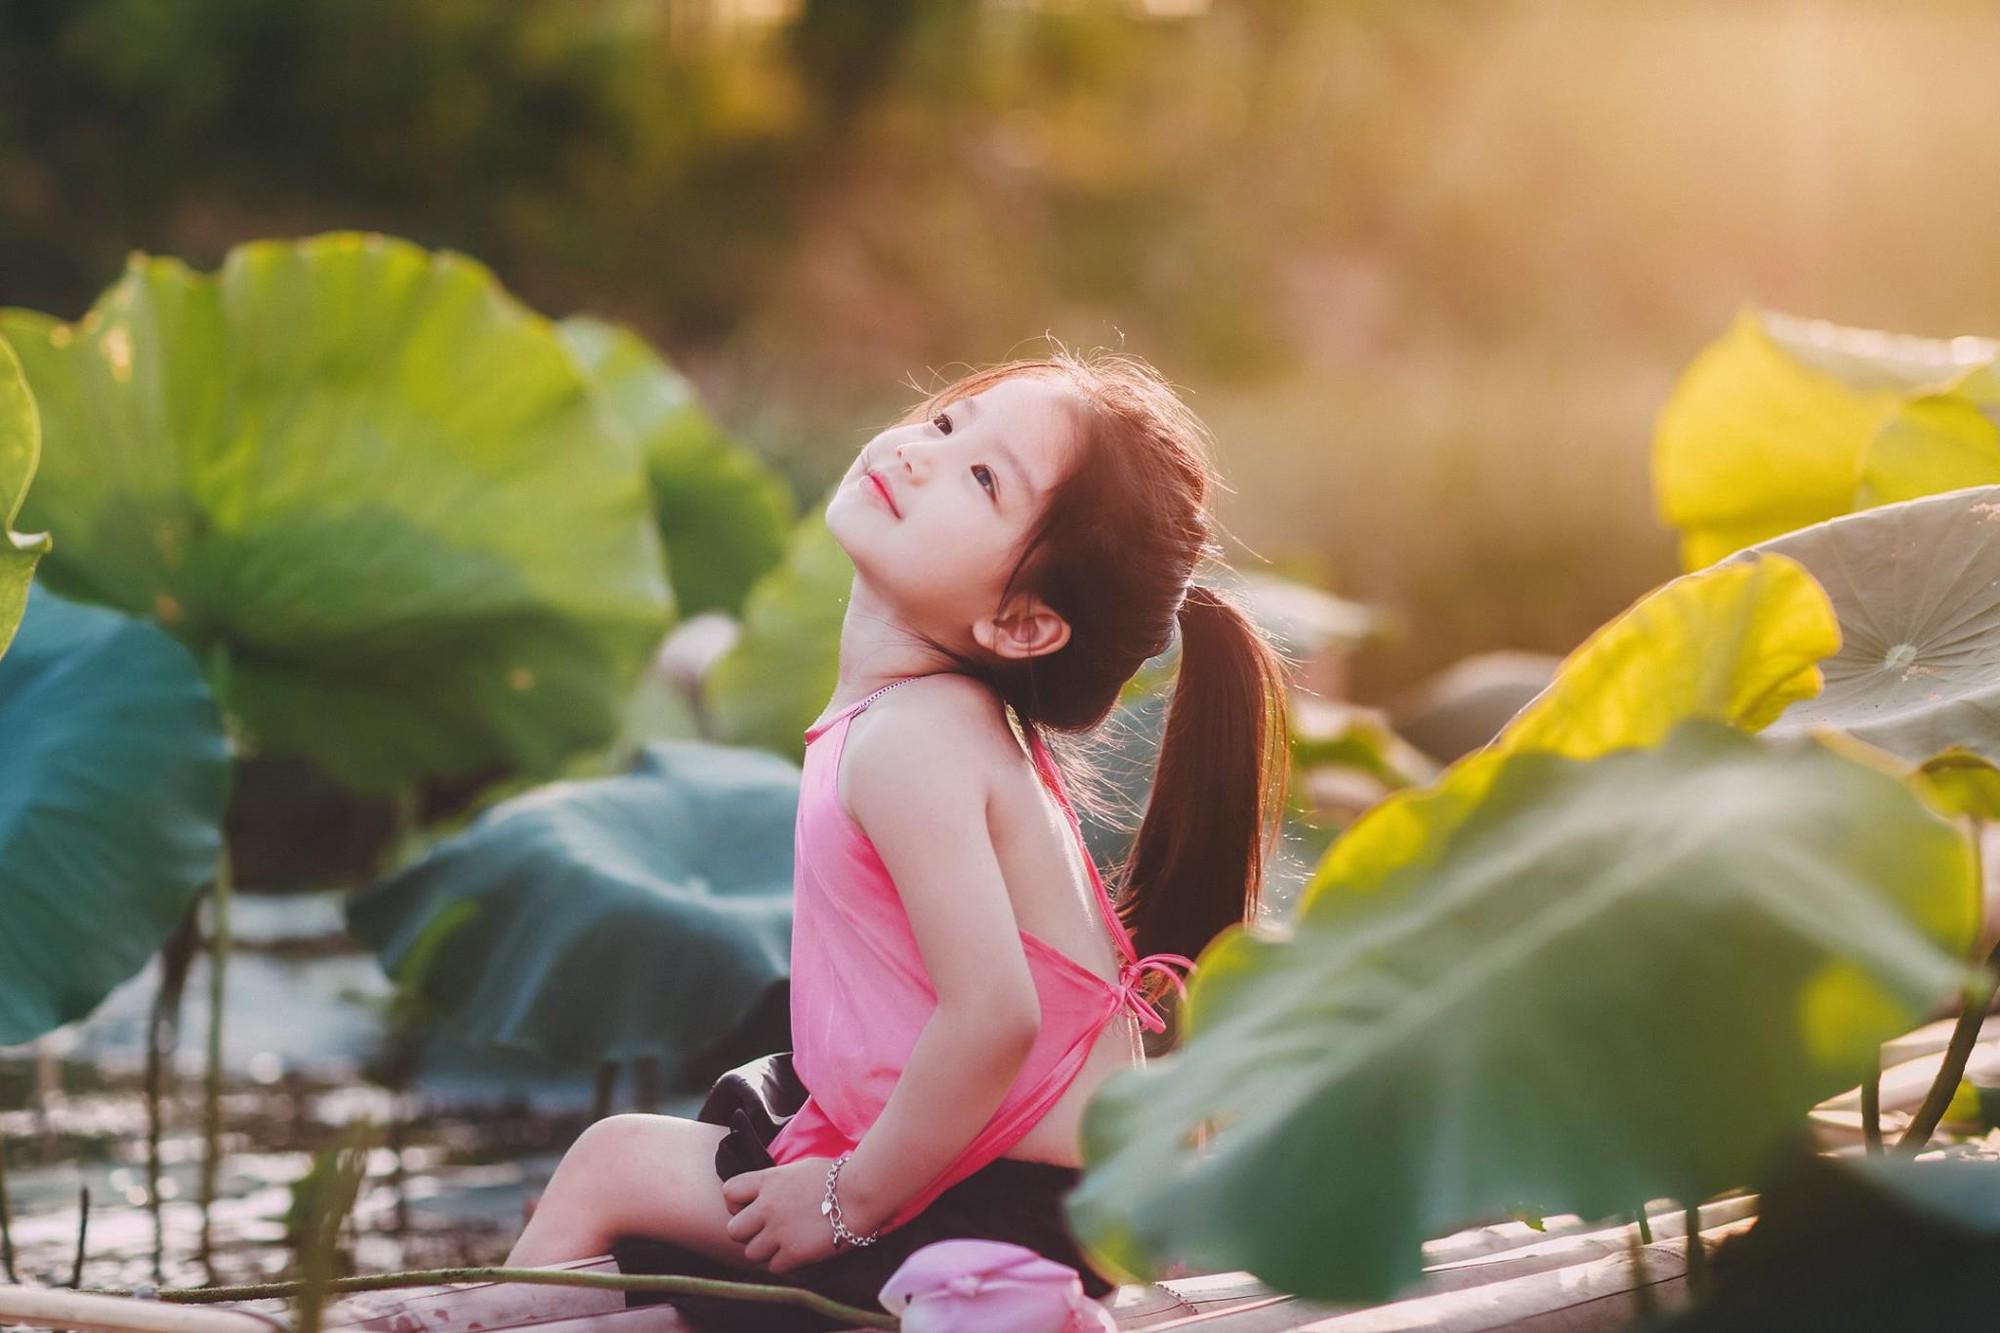 Giữa cơn bão tranh cãi về trào lưu chụp ảnh ở hồ sen, bộ ảnh em bé với hoa sen trong trẻo khiến các mẹ mê mẩn-7